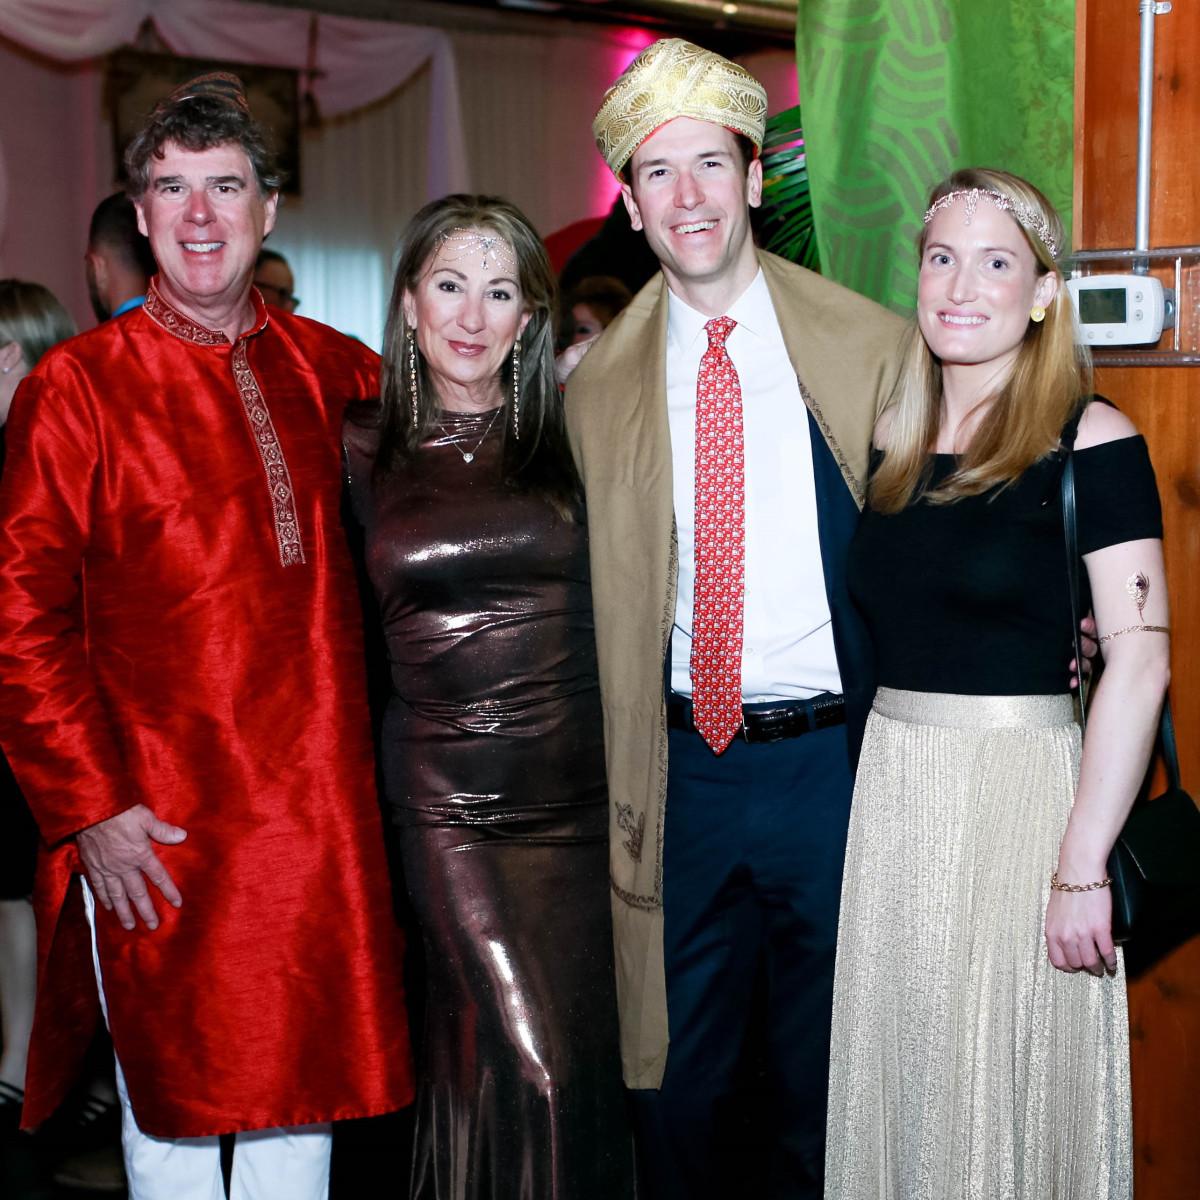 Eric andFaith Smith, Connor Hustava and Sarah Blagden